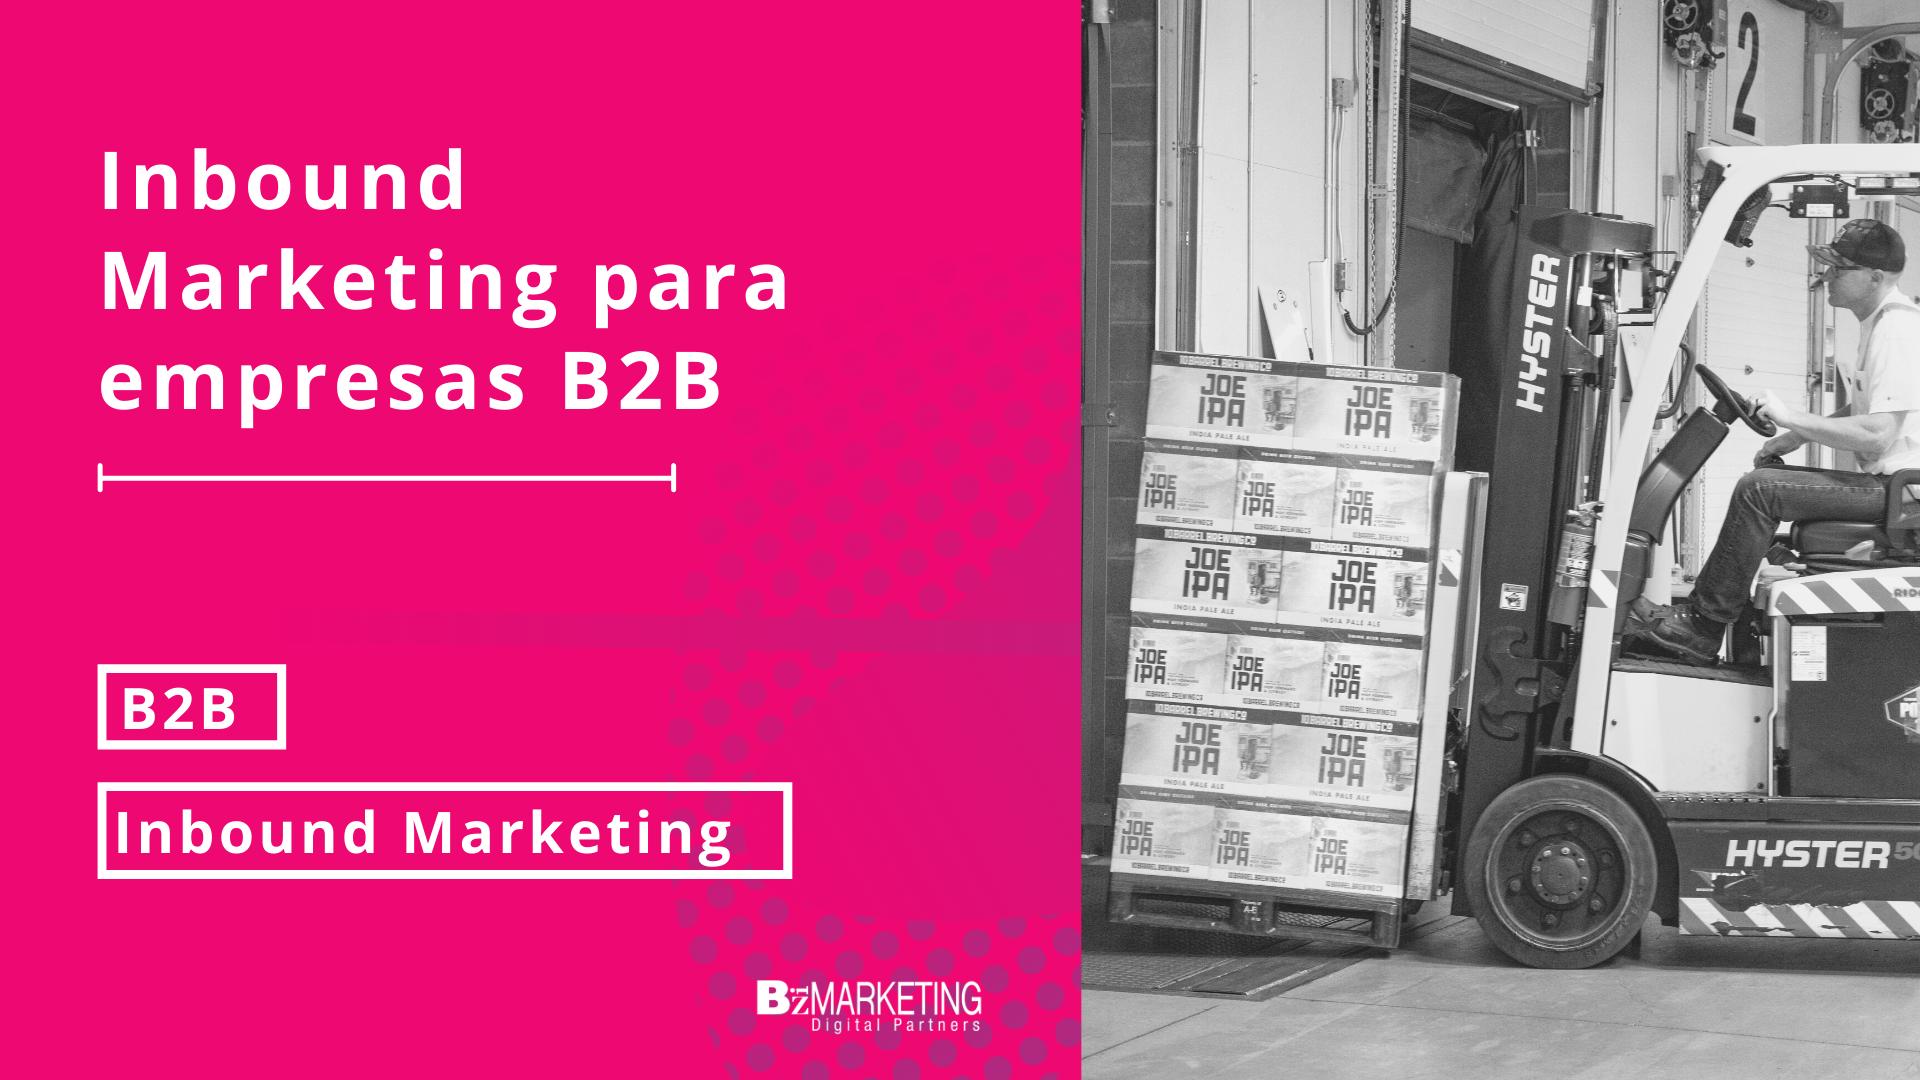 Inbound Marketing para empresas B2B como aplicarlo BizMarketing